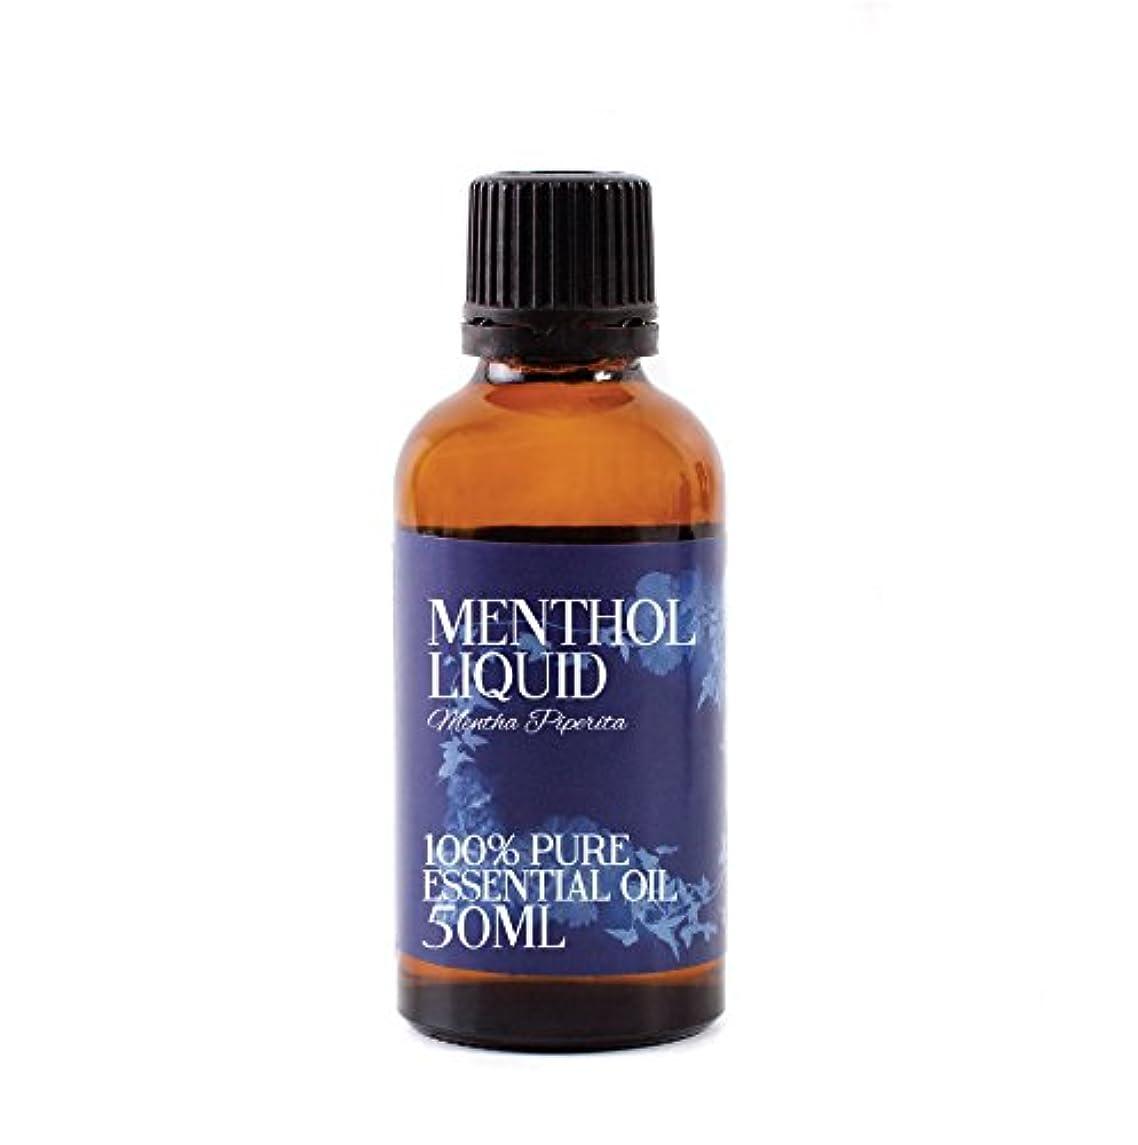 夢中推測するセットするMystic Moments   Menthol Liquid Essential Oil - 50ml - 100% Pure